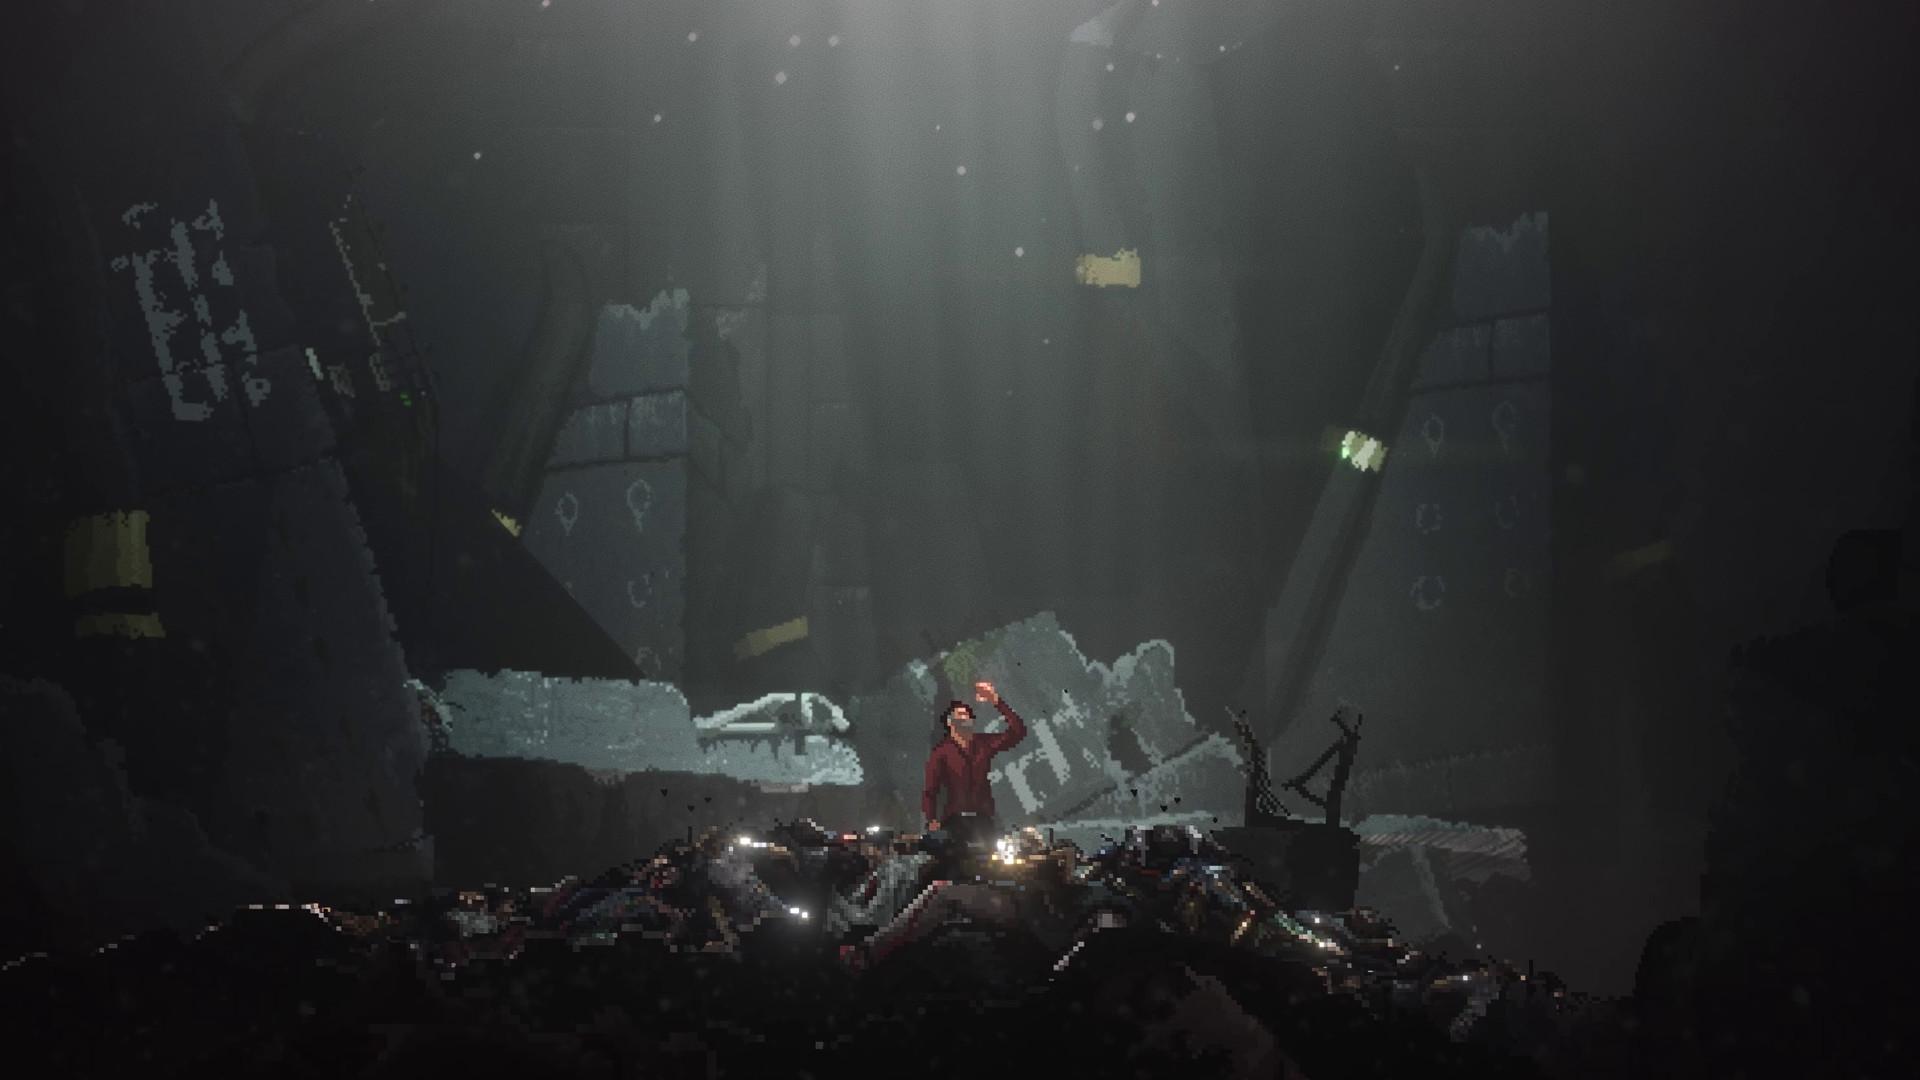 Replaced-E3-Vorschau-Preview-PCGAMES-03-pc-games.jpg